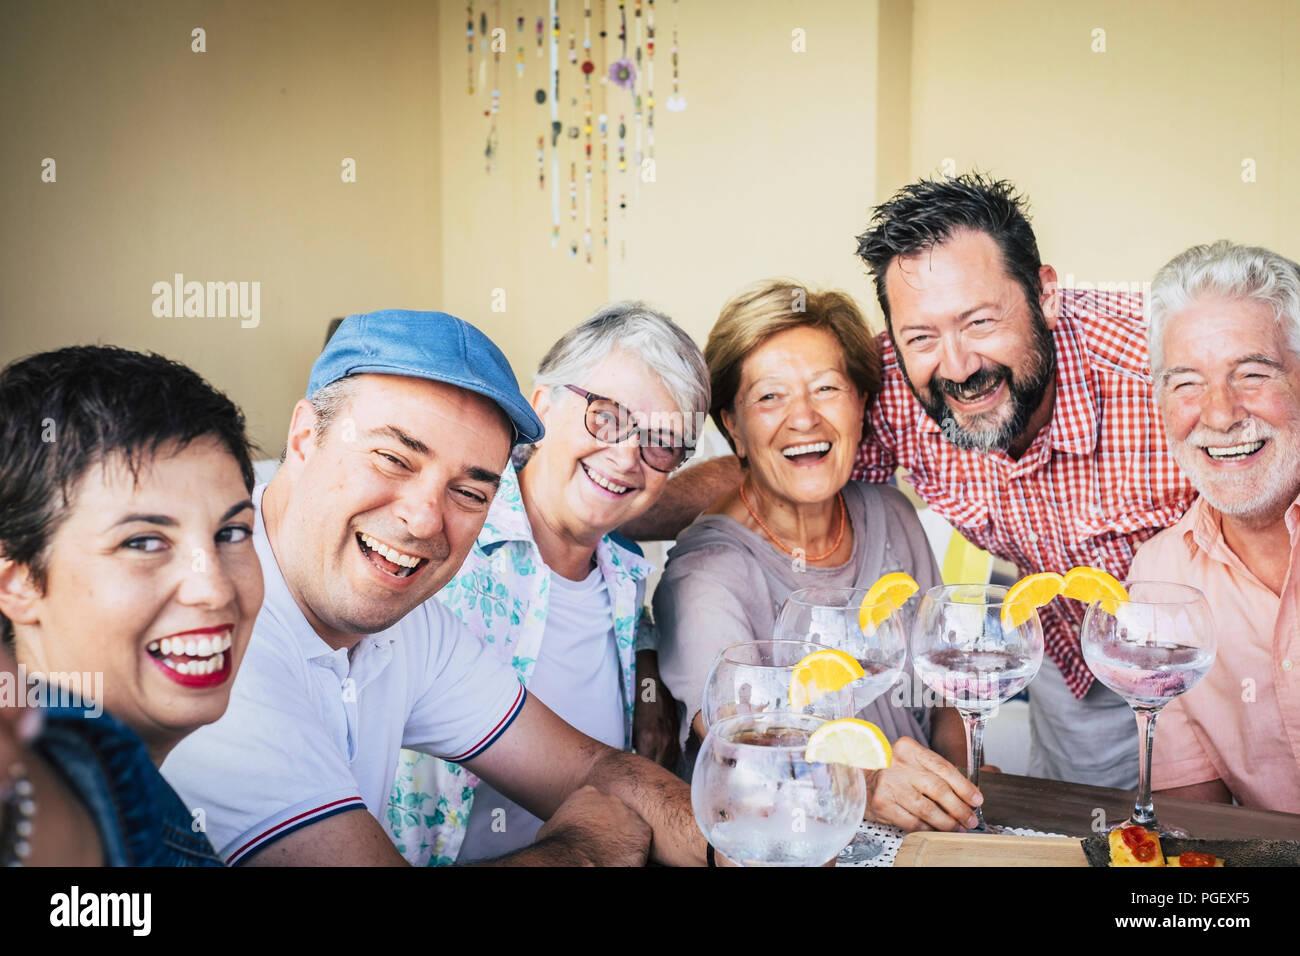 Grupo de edades mixtas del Pueblo Caucasiano divirtiéndonos juntos celebrando un evento bebiendo vino tinto con cócteles de vodka blanco. vacaciones concepto con HAP. Imagen De Stock